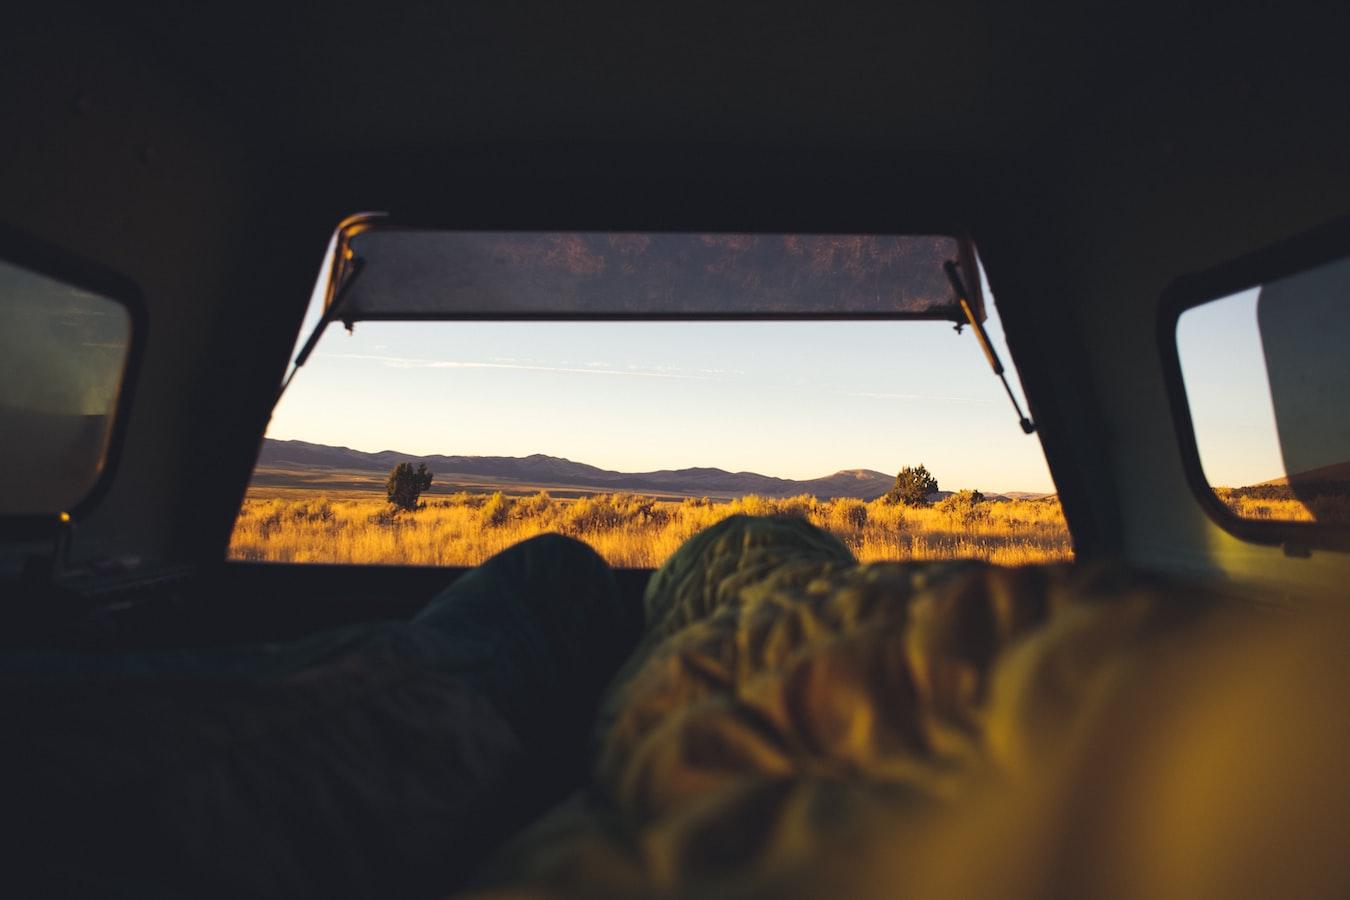 可移動的家! 新手「露營車旅行」必知的大小事 下回日本旅行就試試露營車吧